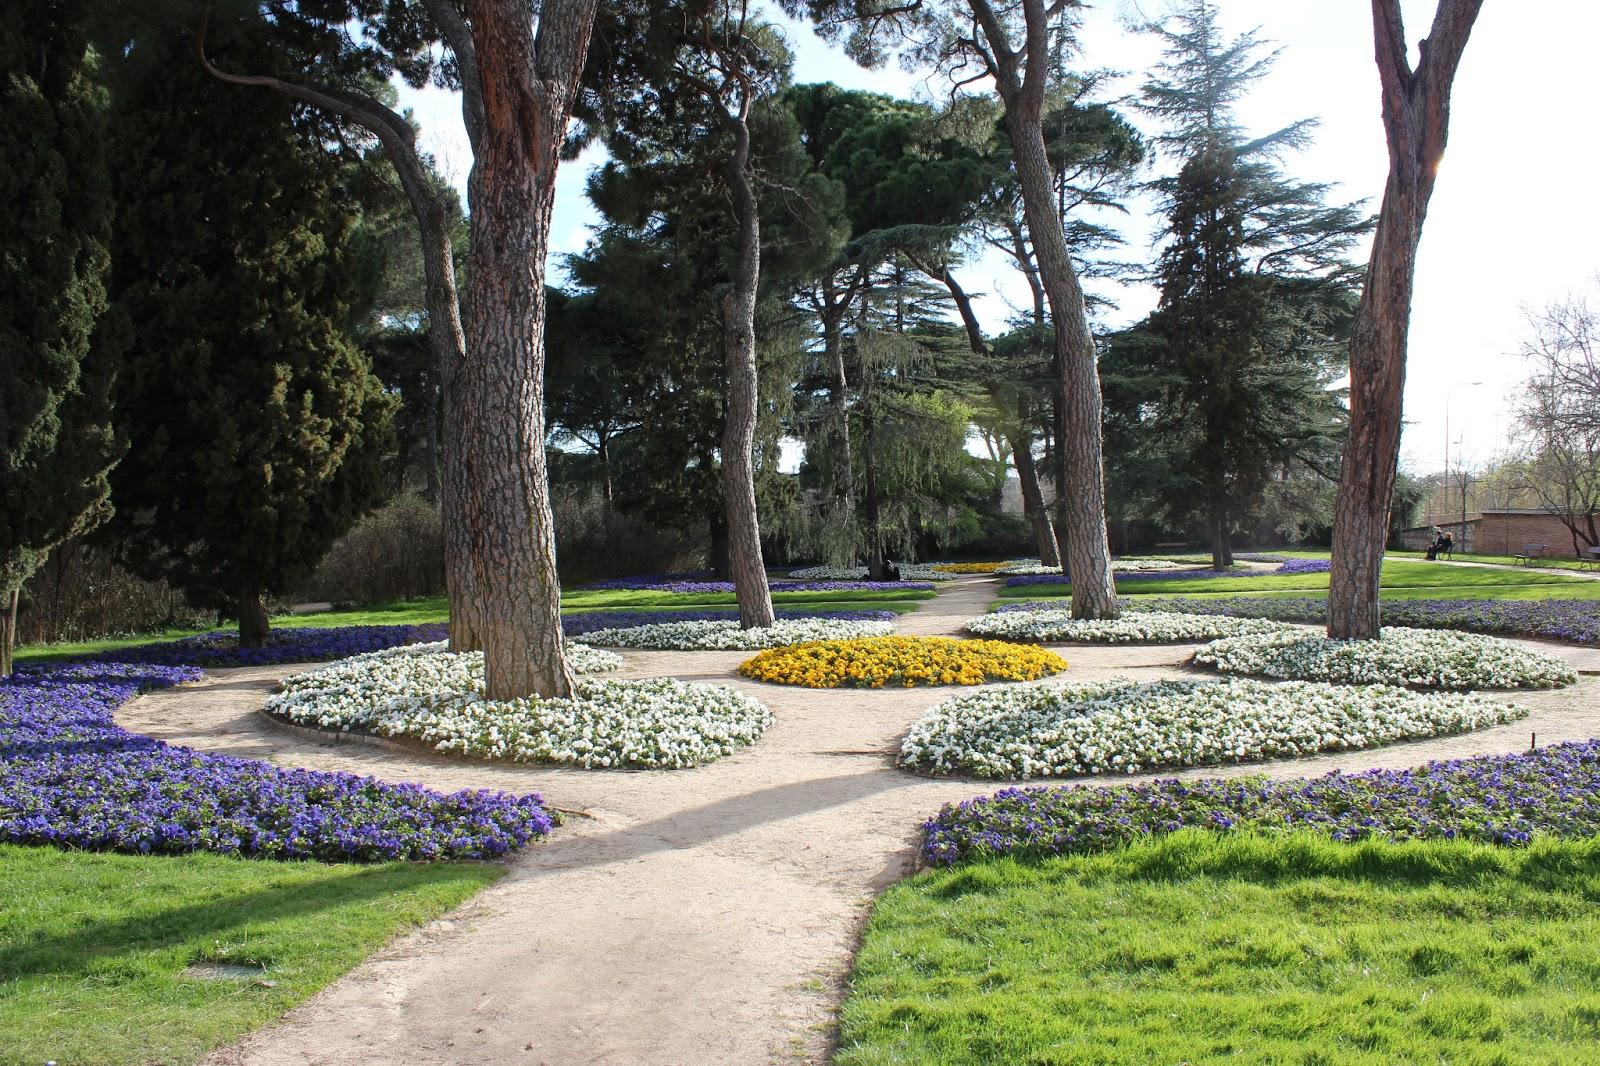 Parque del capricho madrid ando y reando for Jardin historico el capricho paseo alameda de osuna 25